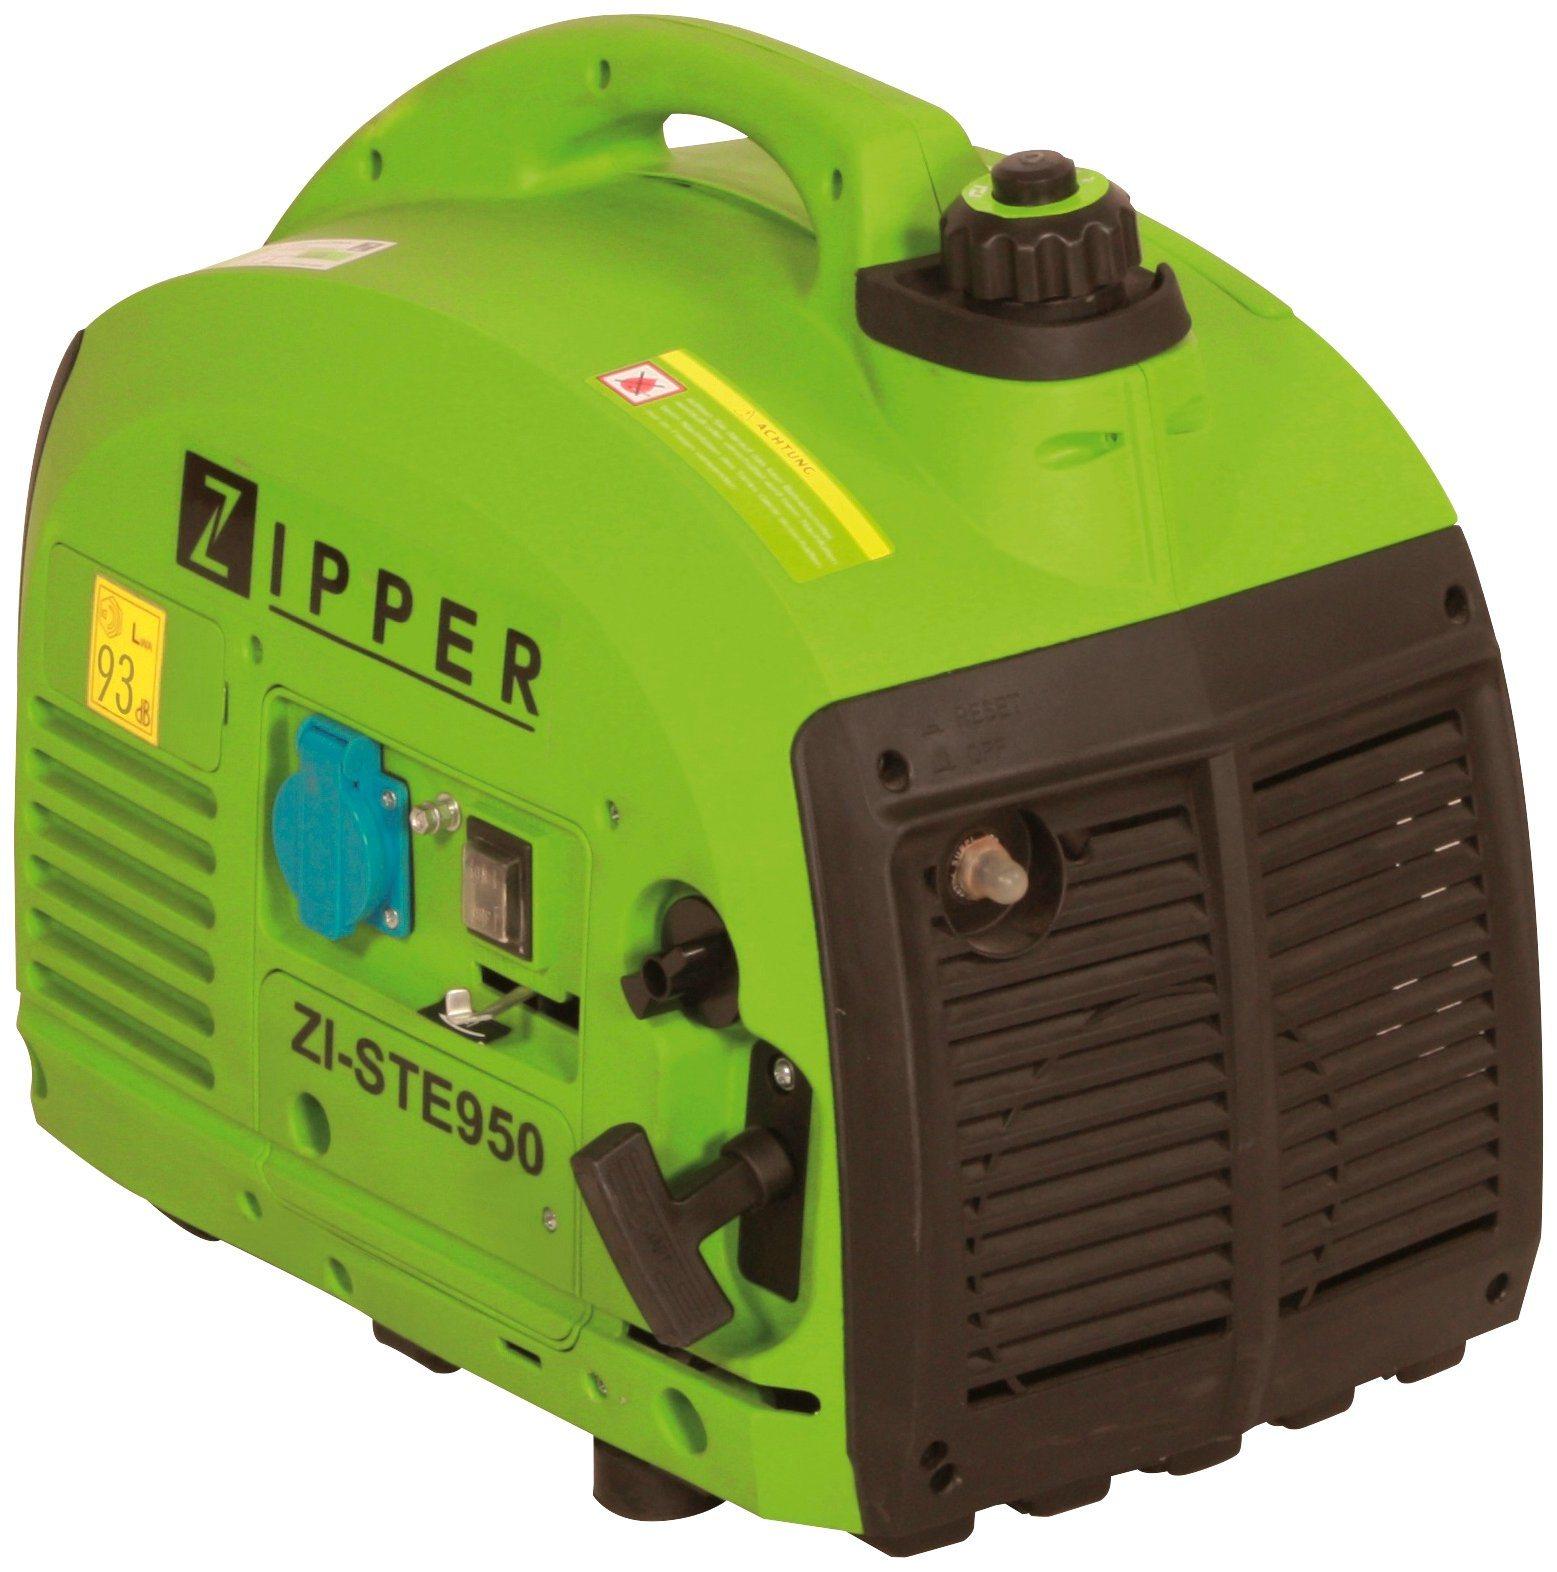 Zipper Stromerzeuger »ZI-STE950A« mit 1 x 230 V-Steckdose (50 Hz) | Baumarkt > Elektroinstallation > Steckdosen | ZIPPER